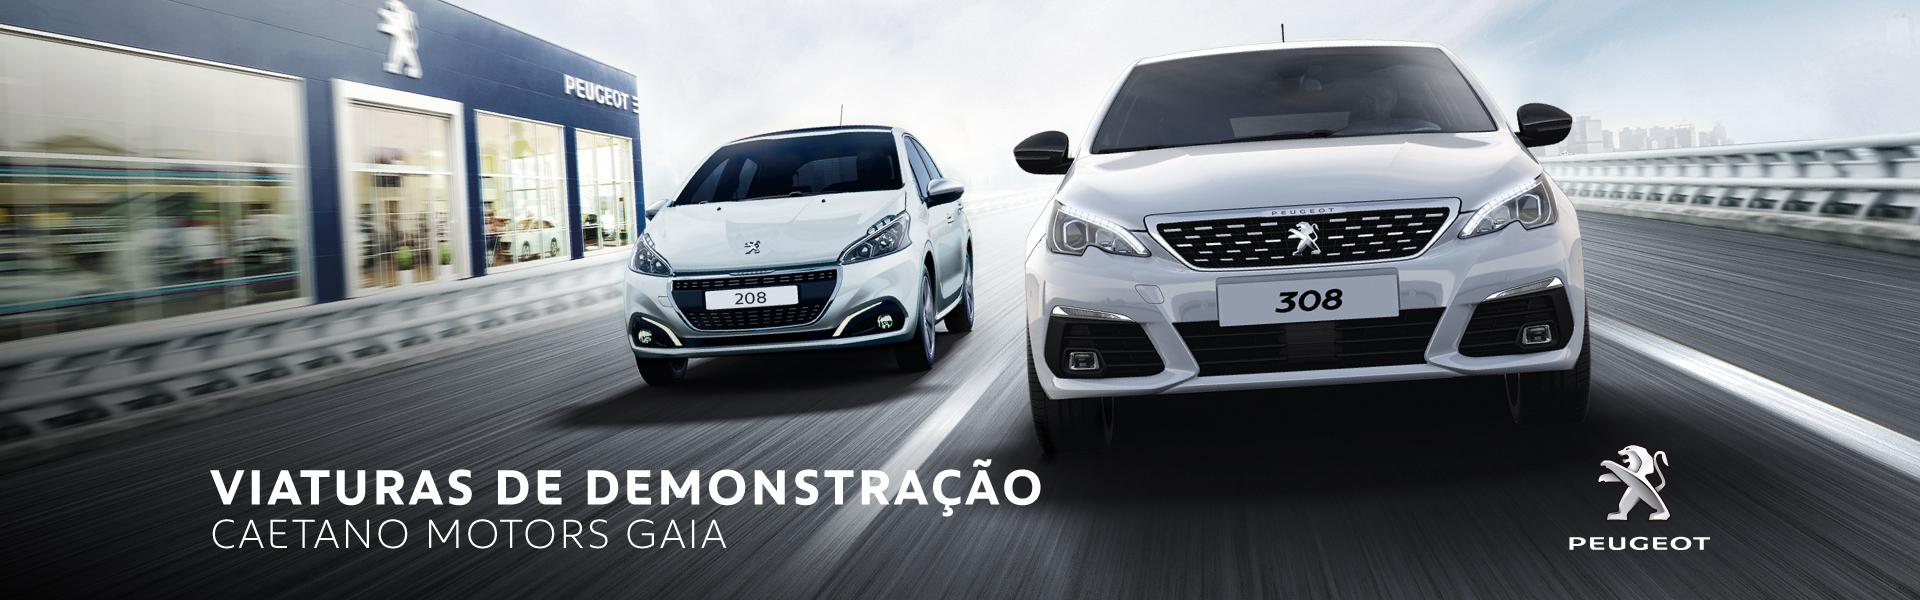 Viaturas de demonstração da Peugeot